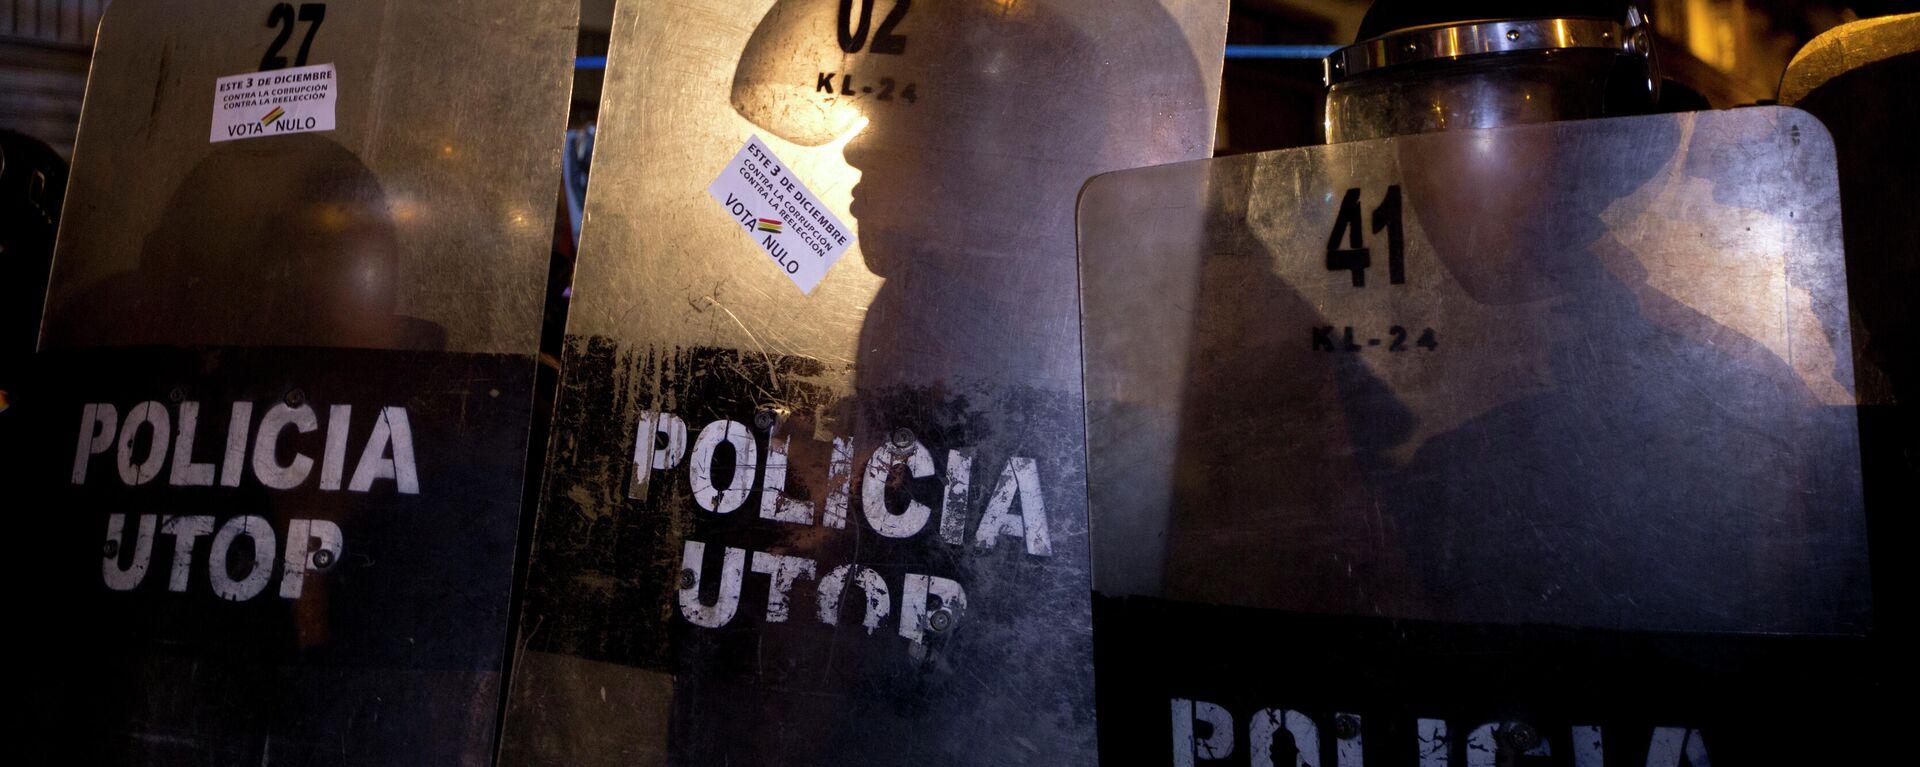 Policías bolivianos - Sputnik Mundo, 1920, 07.09.2021